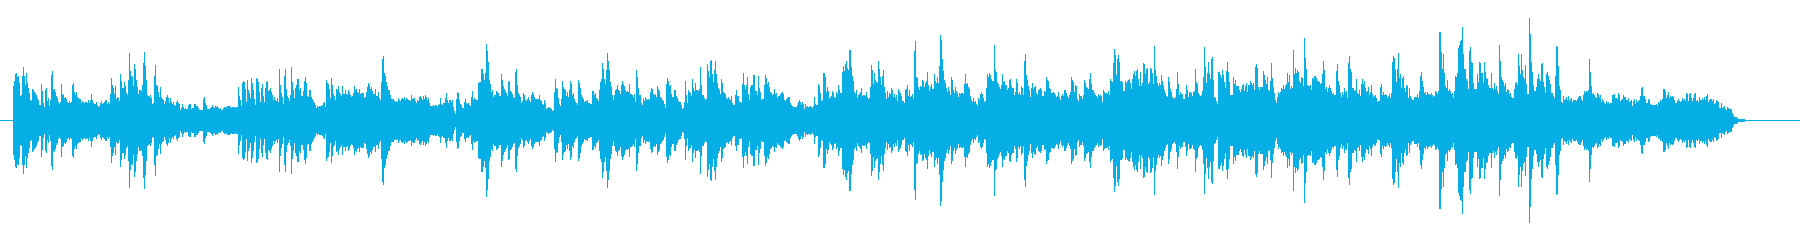 ピアノとストリングスの美しい旋律の再生済みの波形